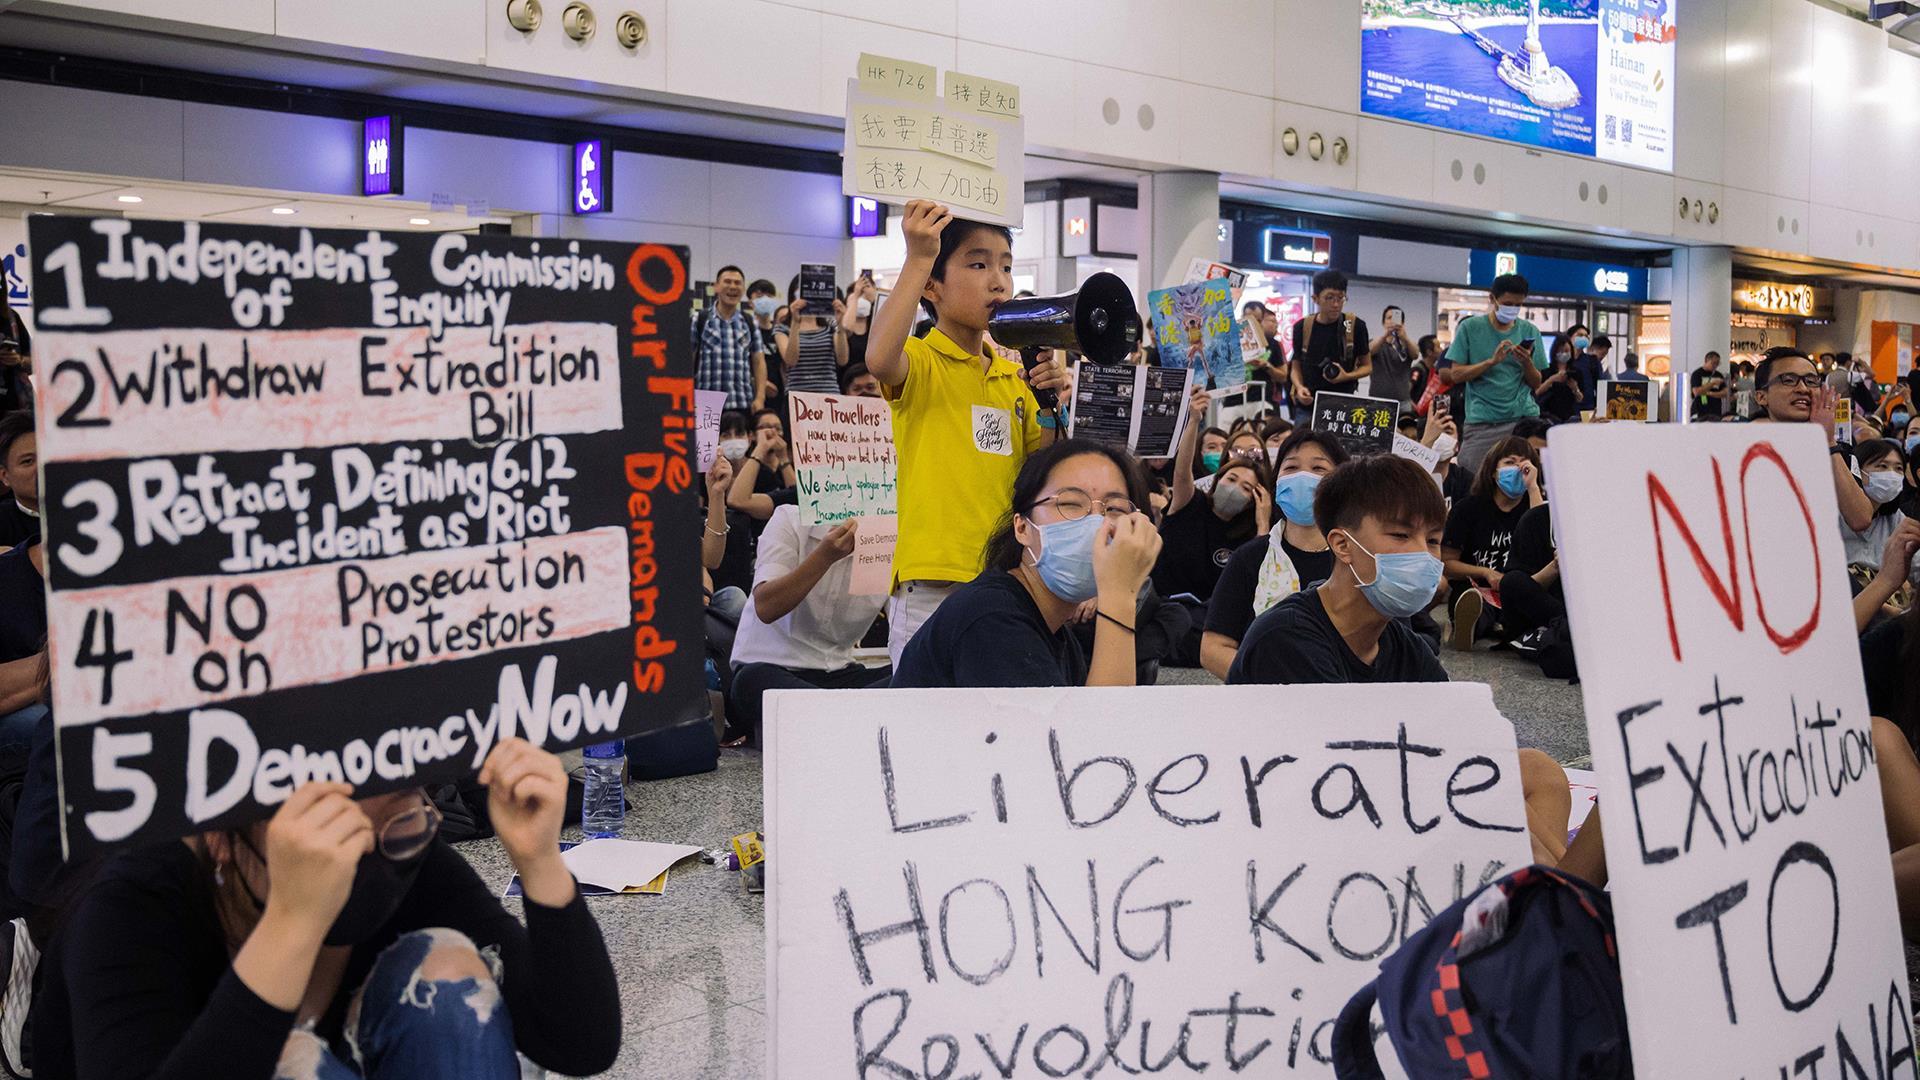 Pro-democracy demonstrators protest at Hong Kong airport